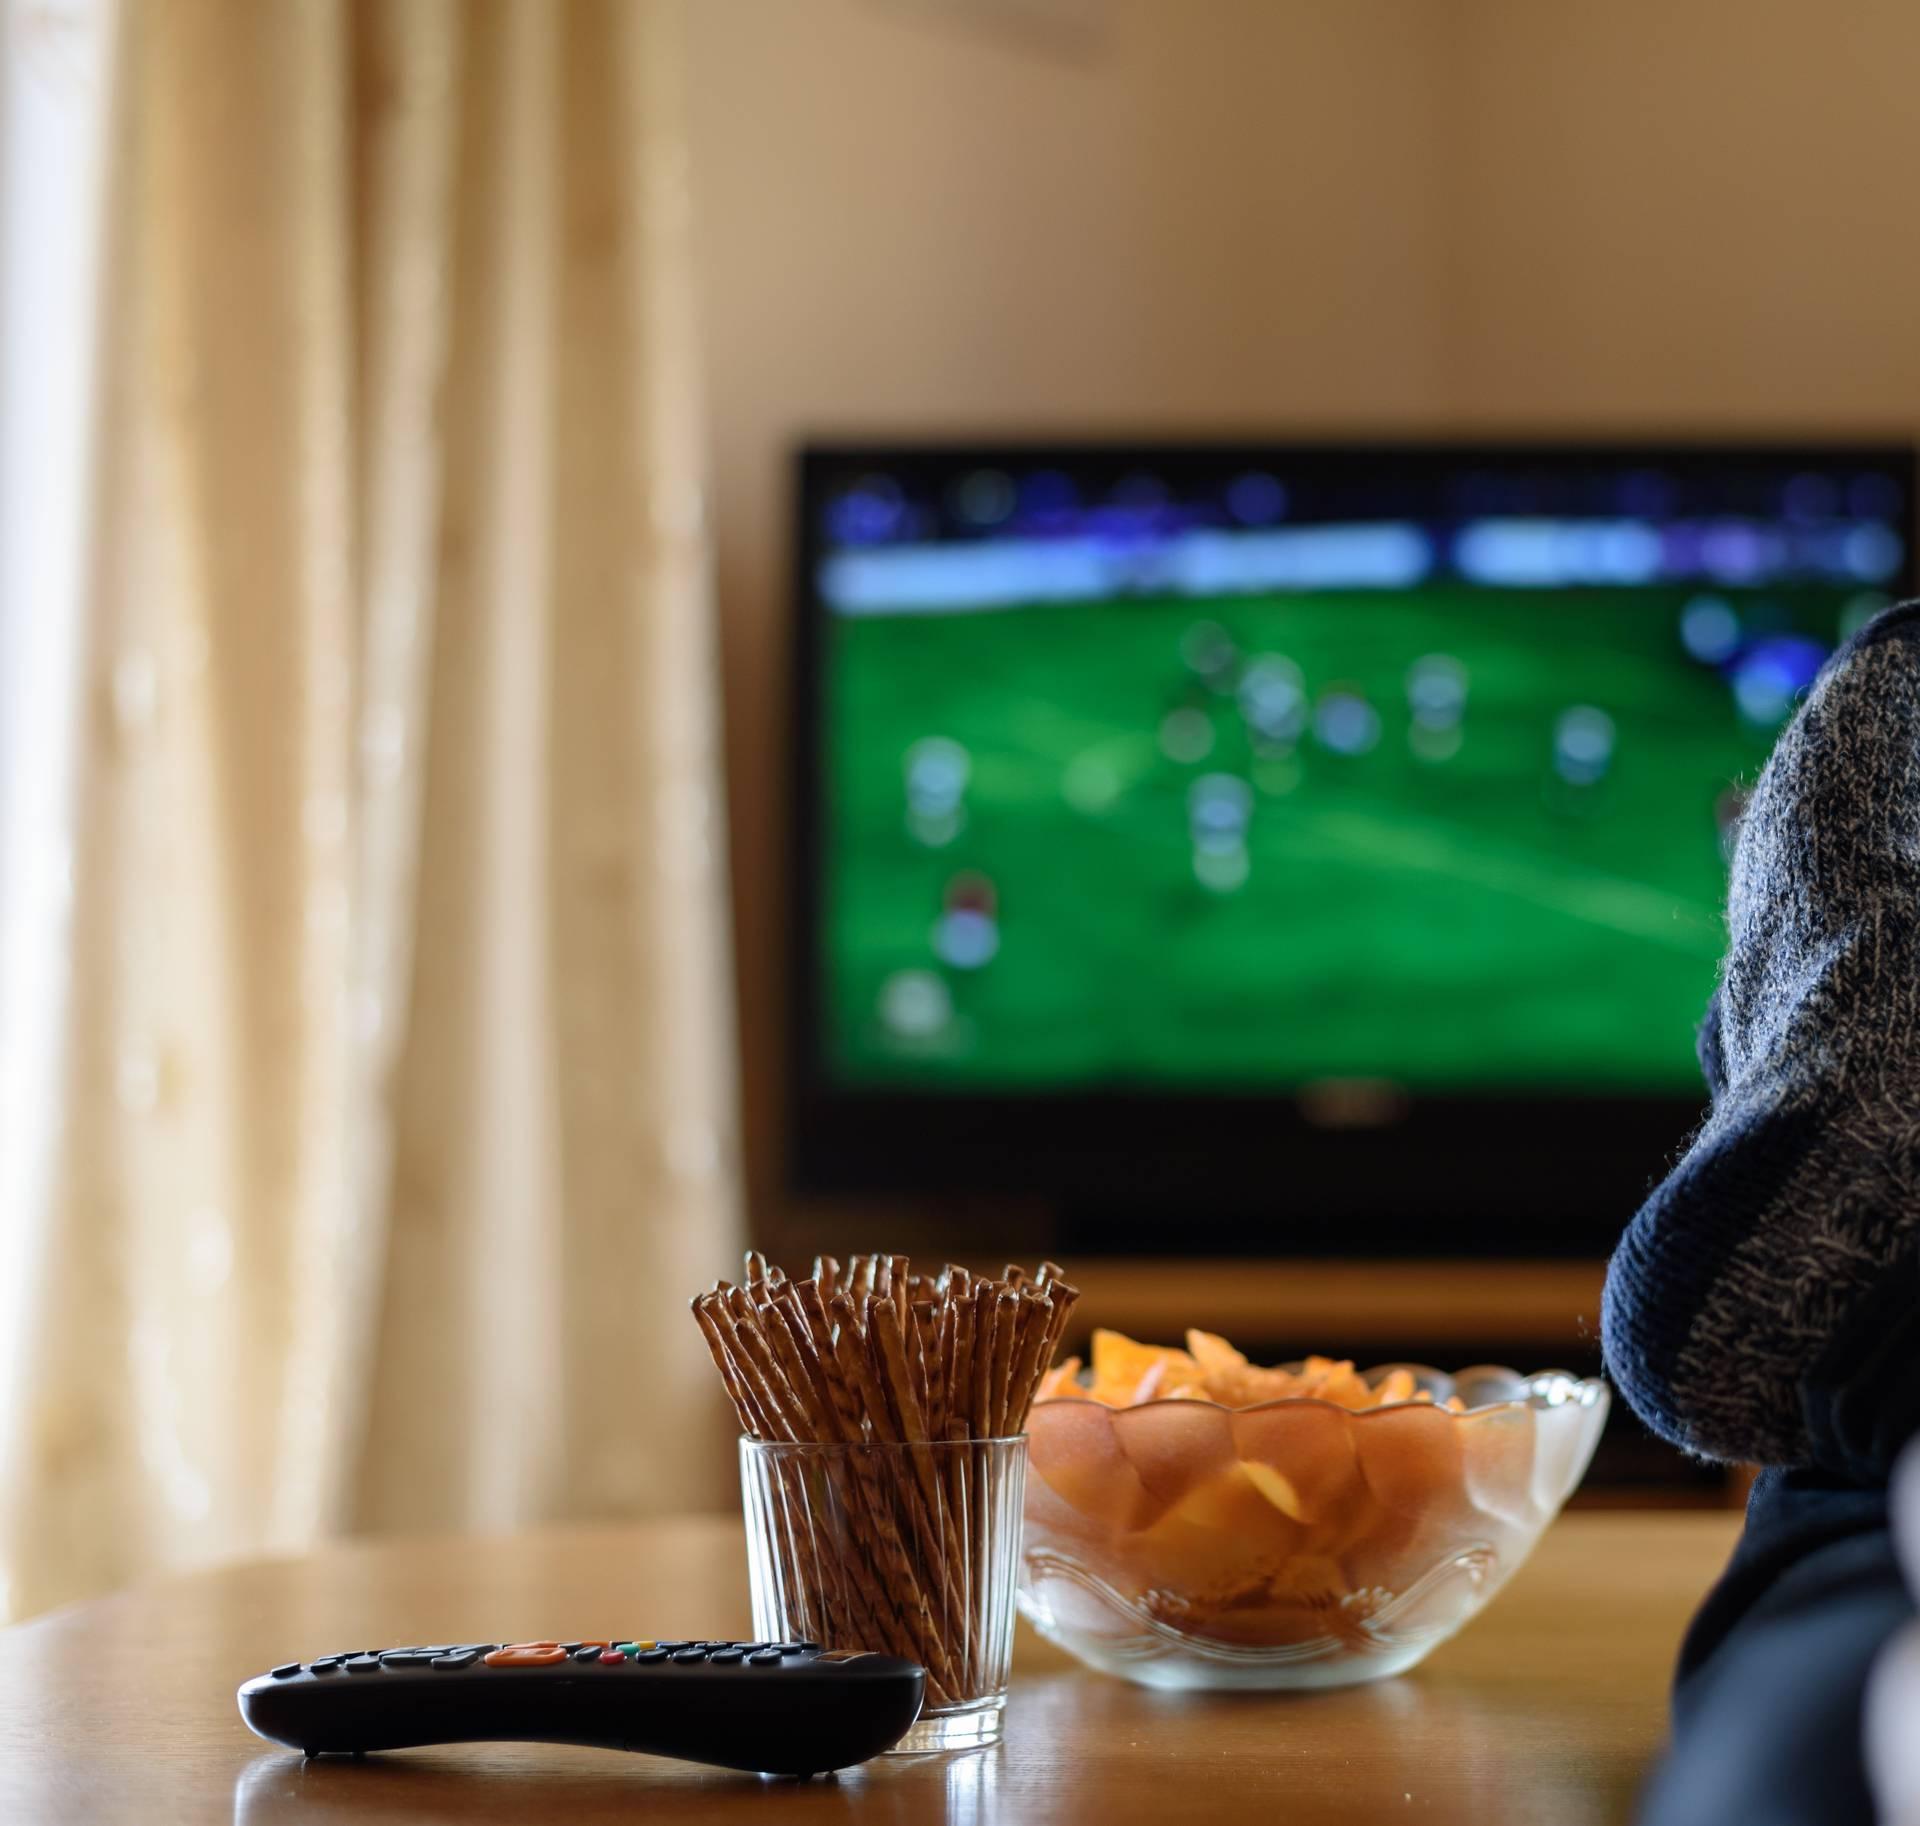 Top 5 razloga zašto je ustvari vrlo korisno gledati televiziju